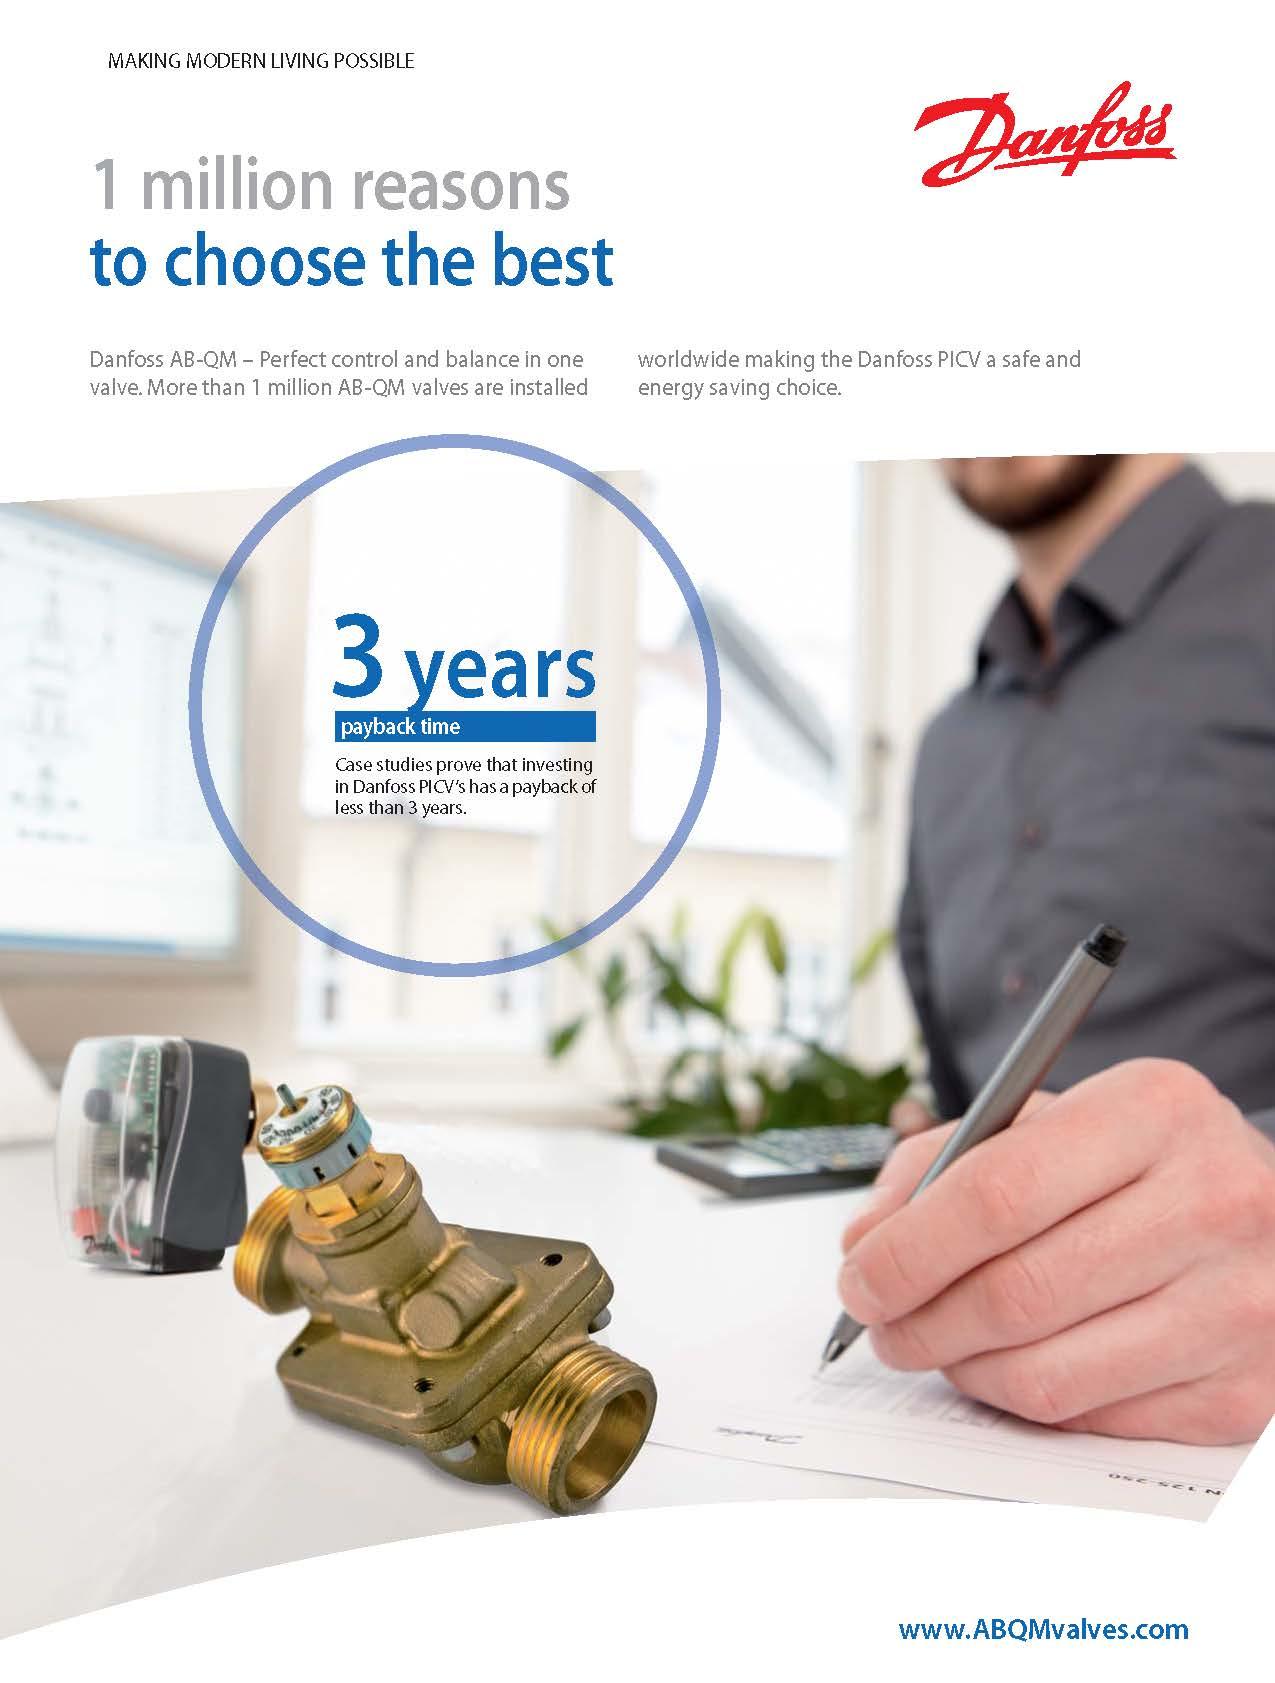 AB-QM Brochure - VRA7A122 - 6-12_Page_1.jpg